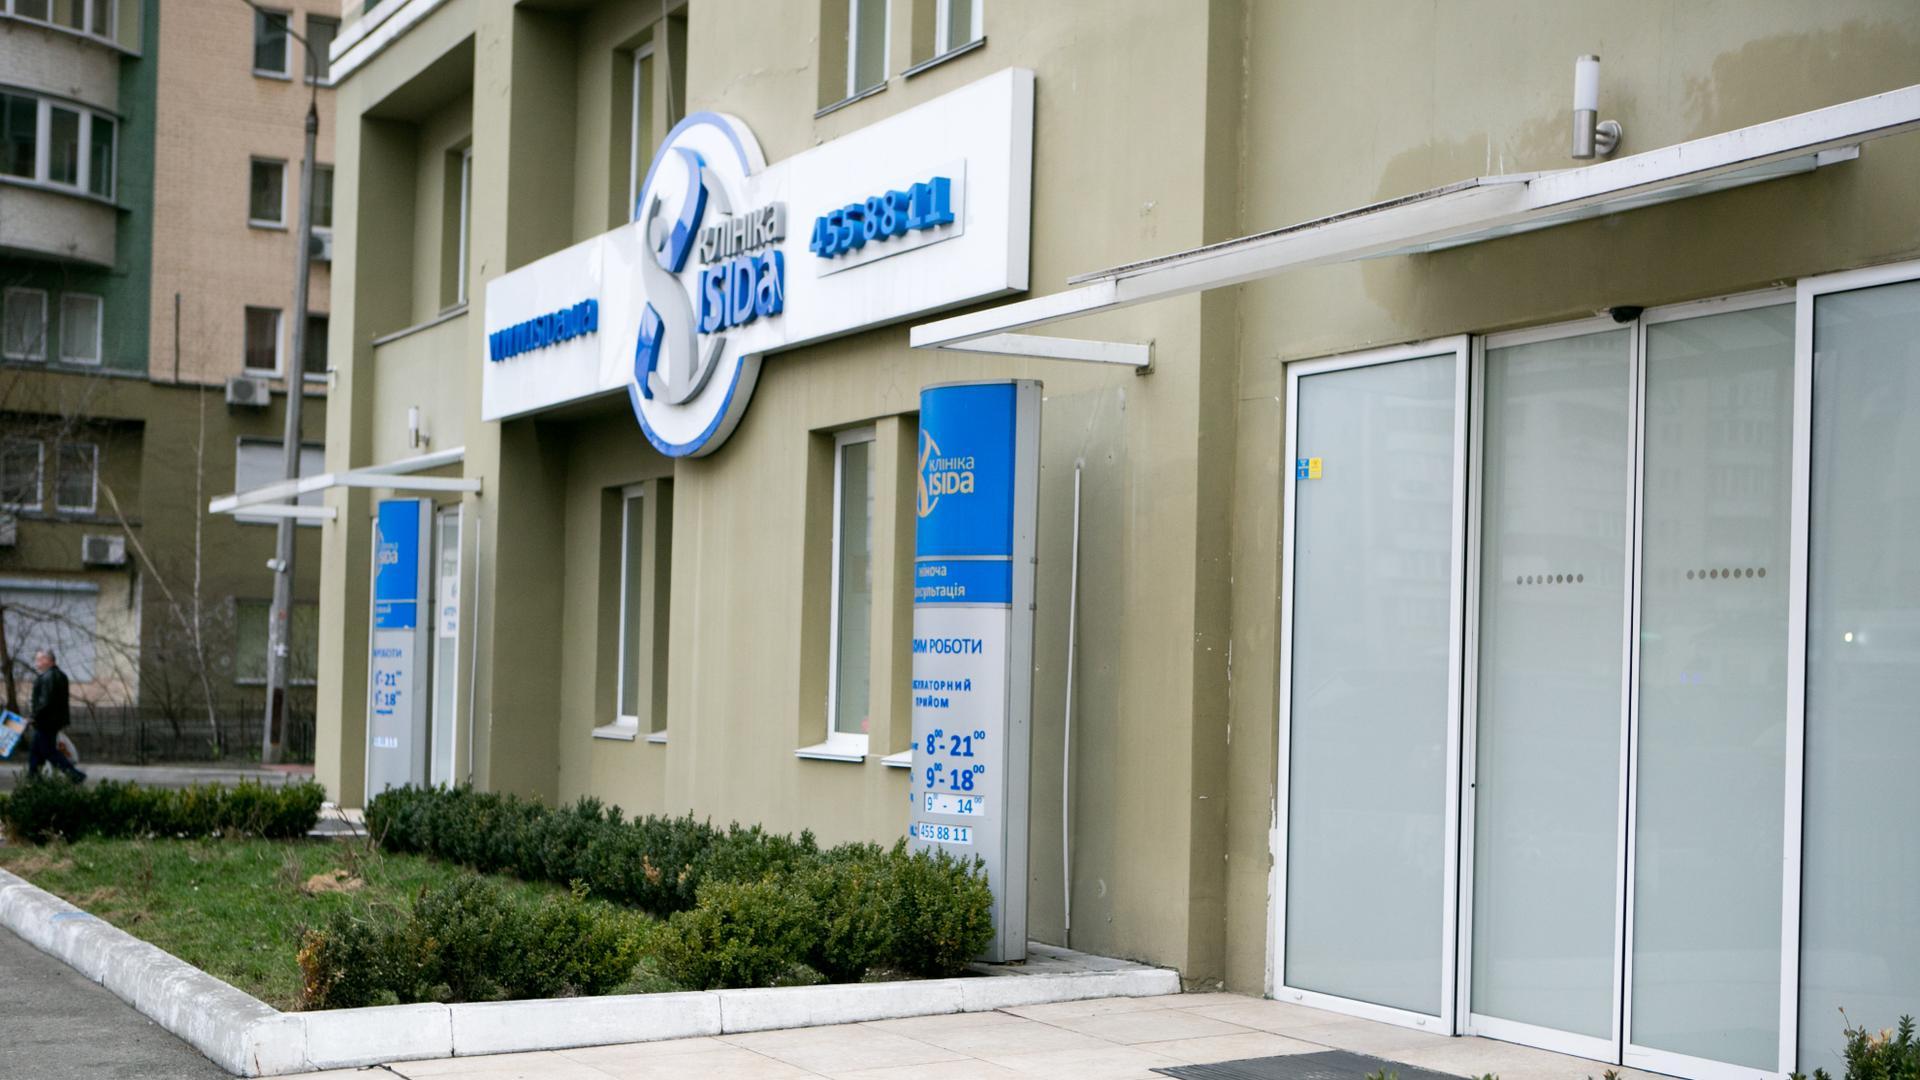 клиника здоровья на зеленом проспекте отзывы сотрудников переводчик английского русский